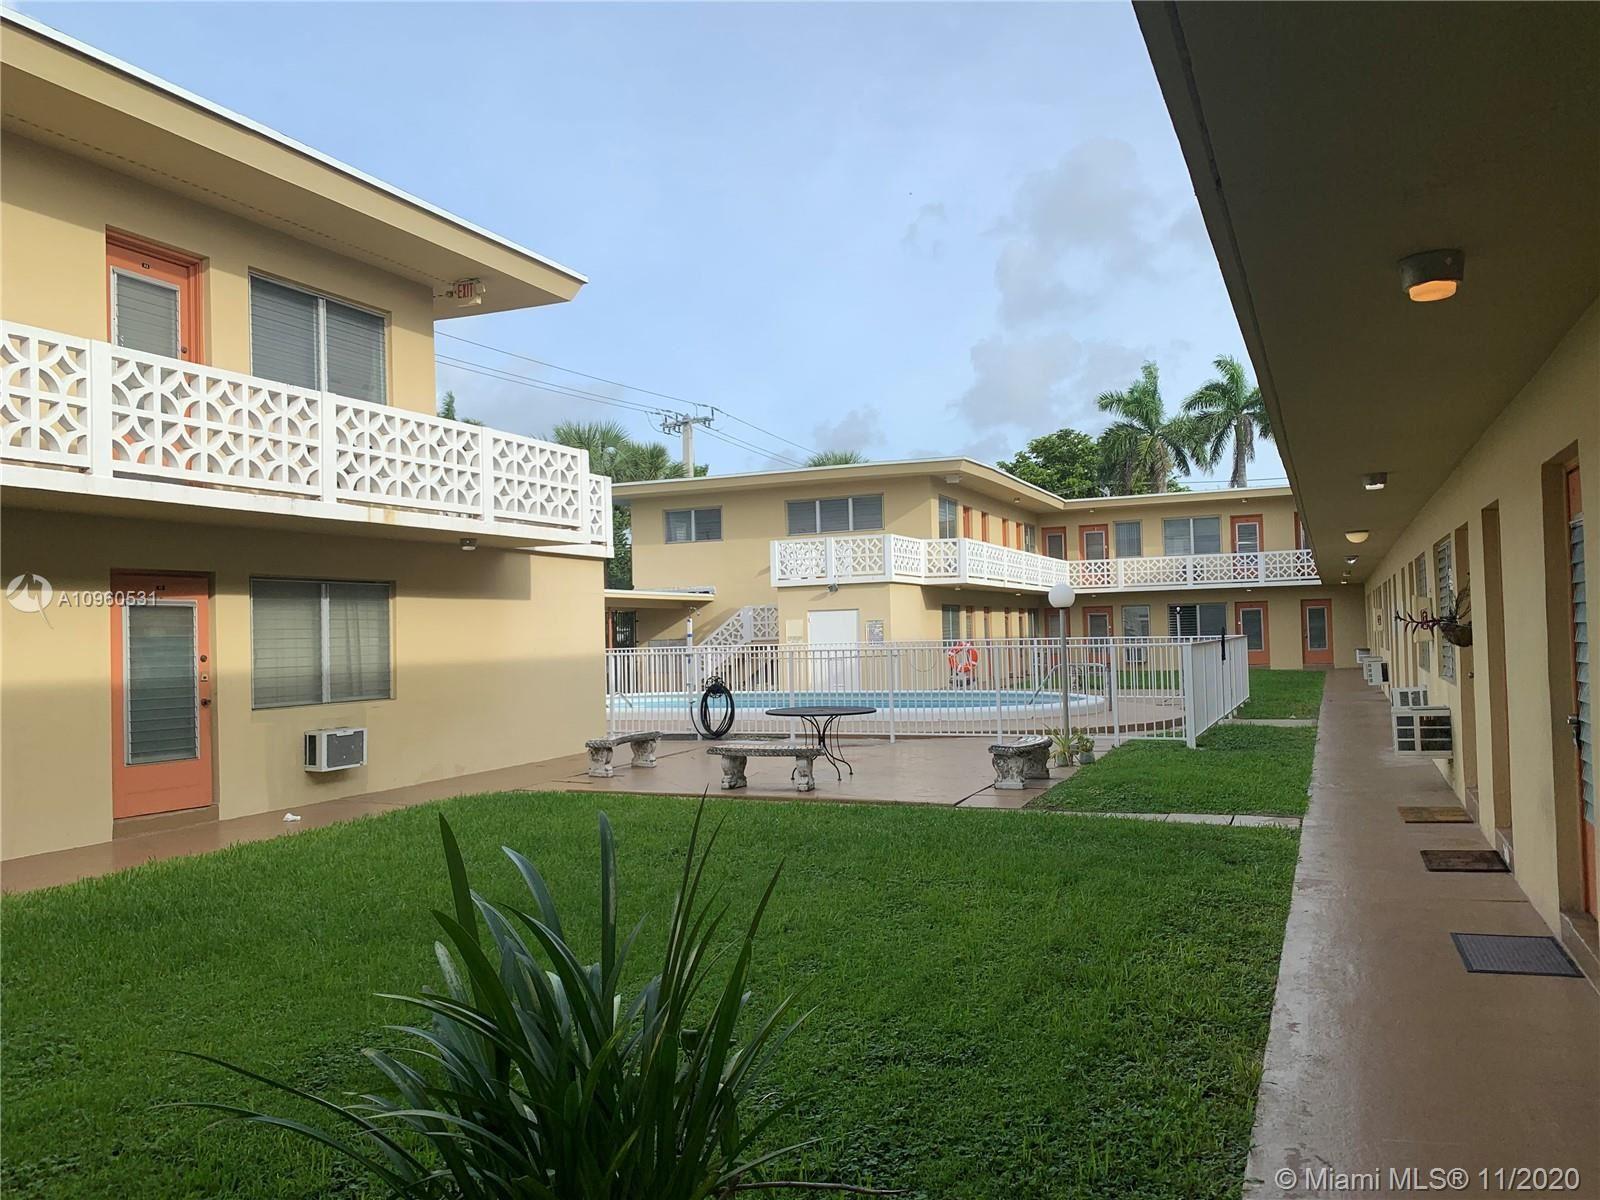 Photo of 12665 NE 16th Ave #25, North Miami, FL 33161 (MLS # A10960531)